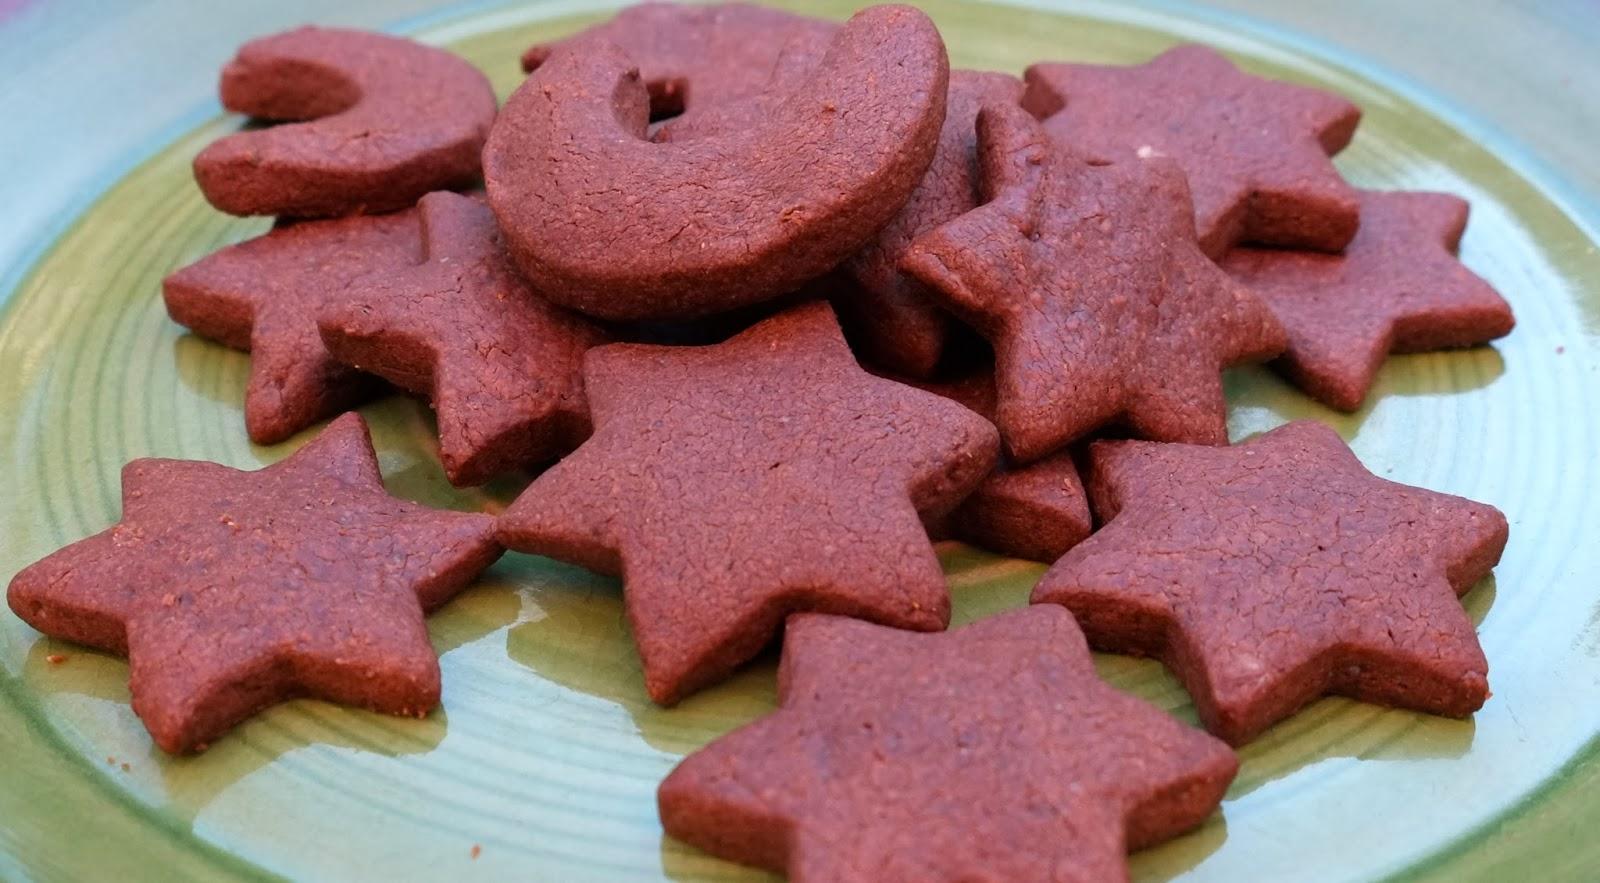 Weihnachtsplätzchen Zutaten.Phe Licious Himmlische Weihnachtsplätzchen